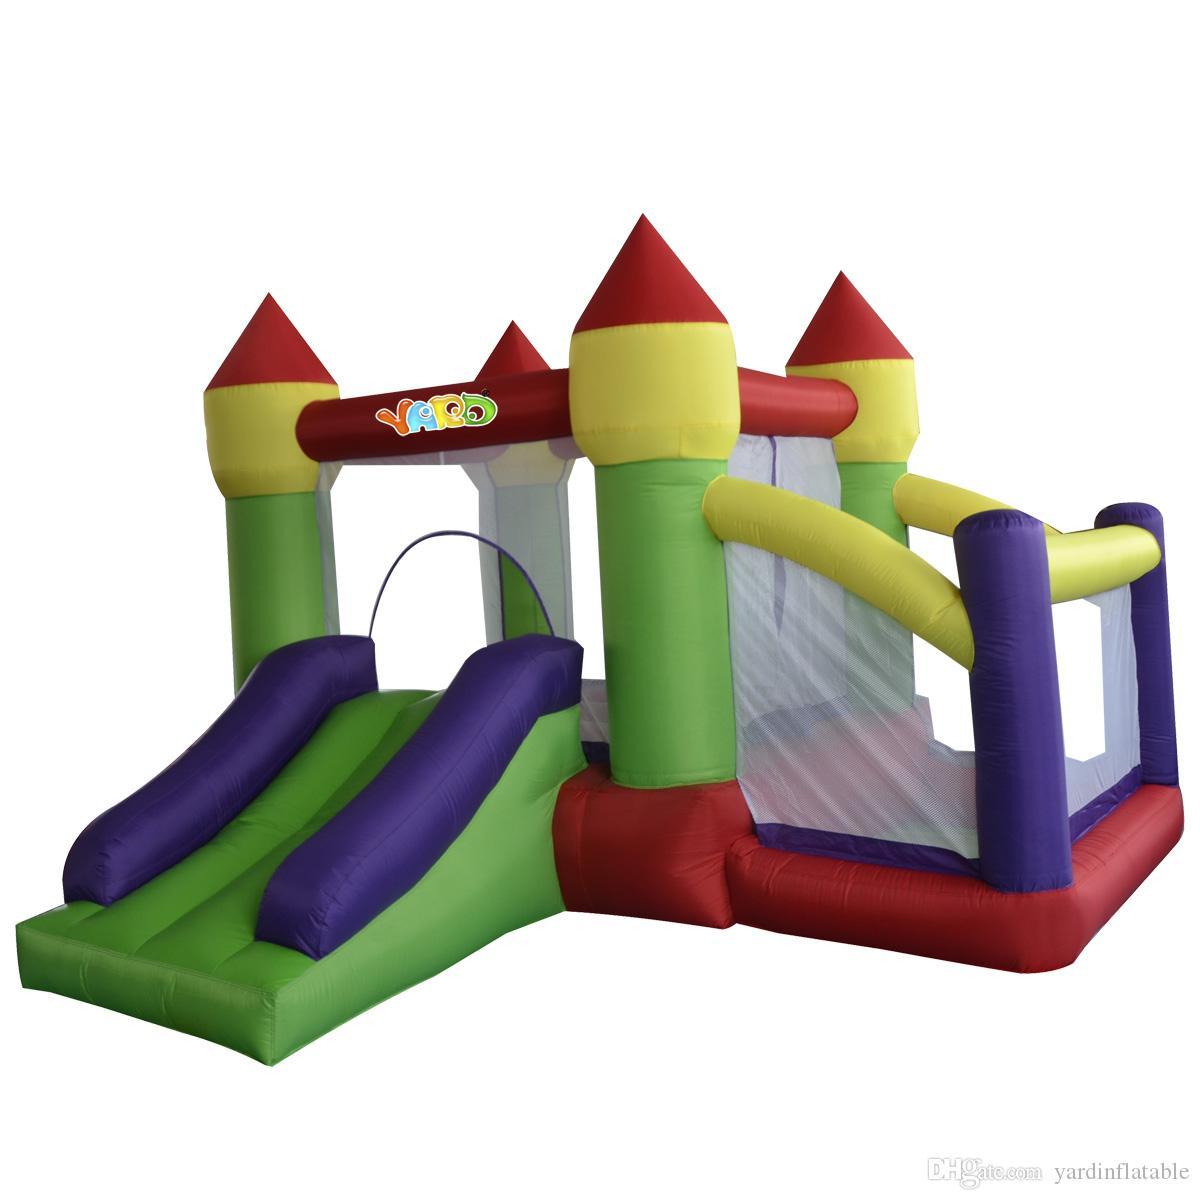 Двор жилой мини-нейлон надувной джампер надувной домохозяйственный дом надувной замок слайд мяч яма с вентилятором